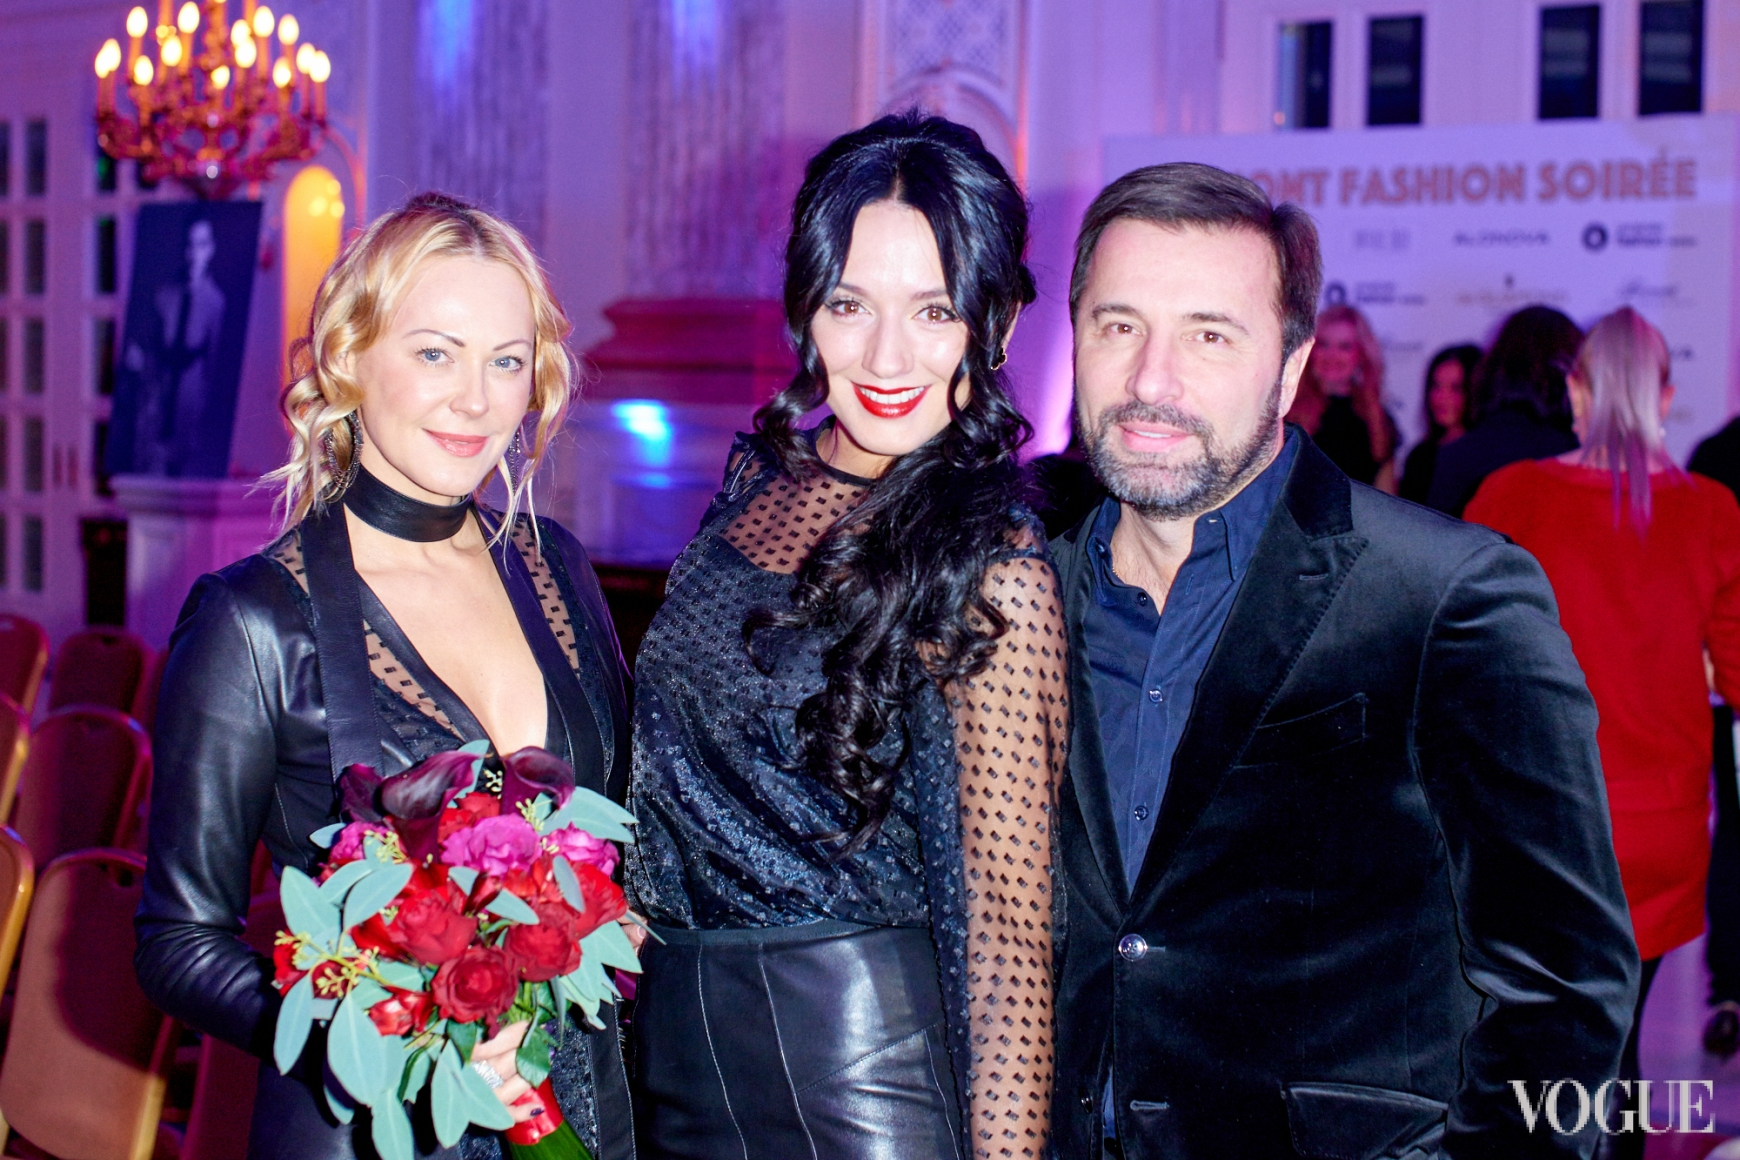 Ольга Аленова, Валерия и Валерий Коновалюк